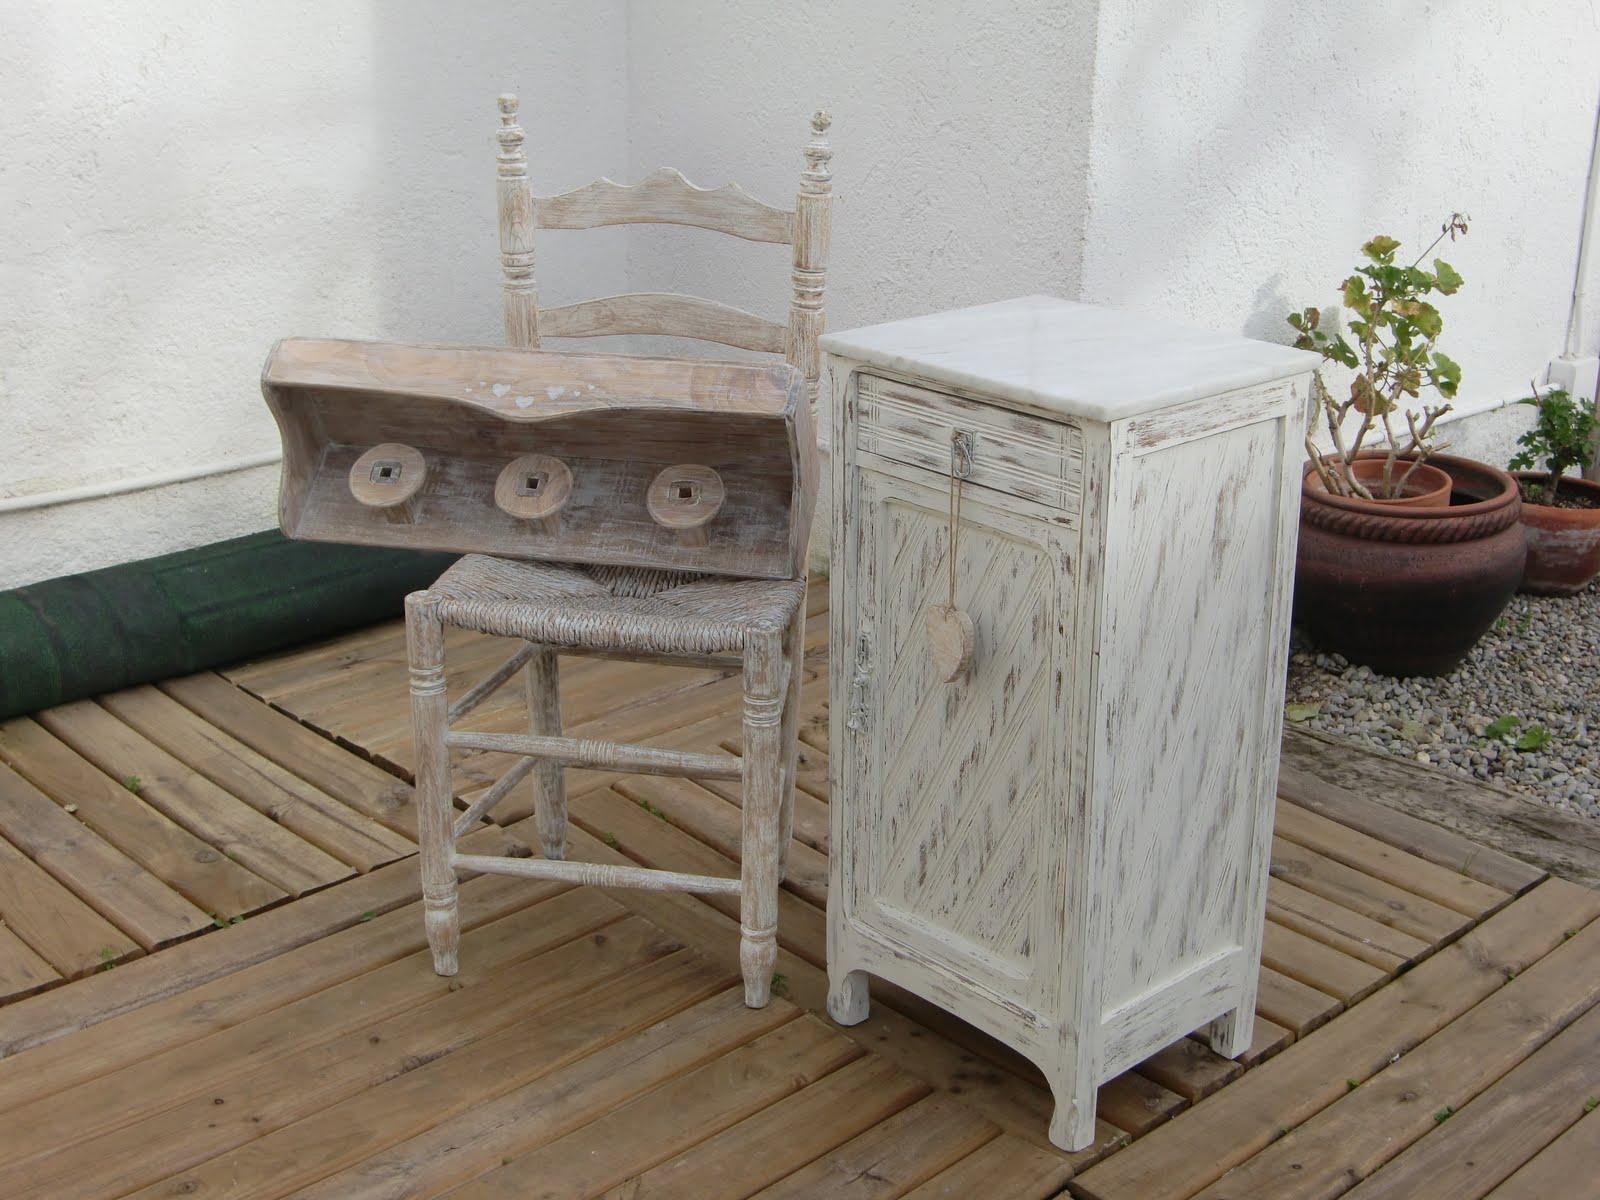 Blancpedra muebles decapados mobles decapats - Muebles decapados ...